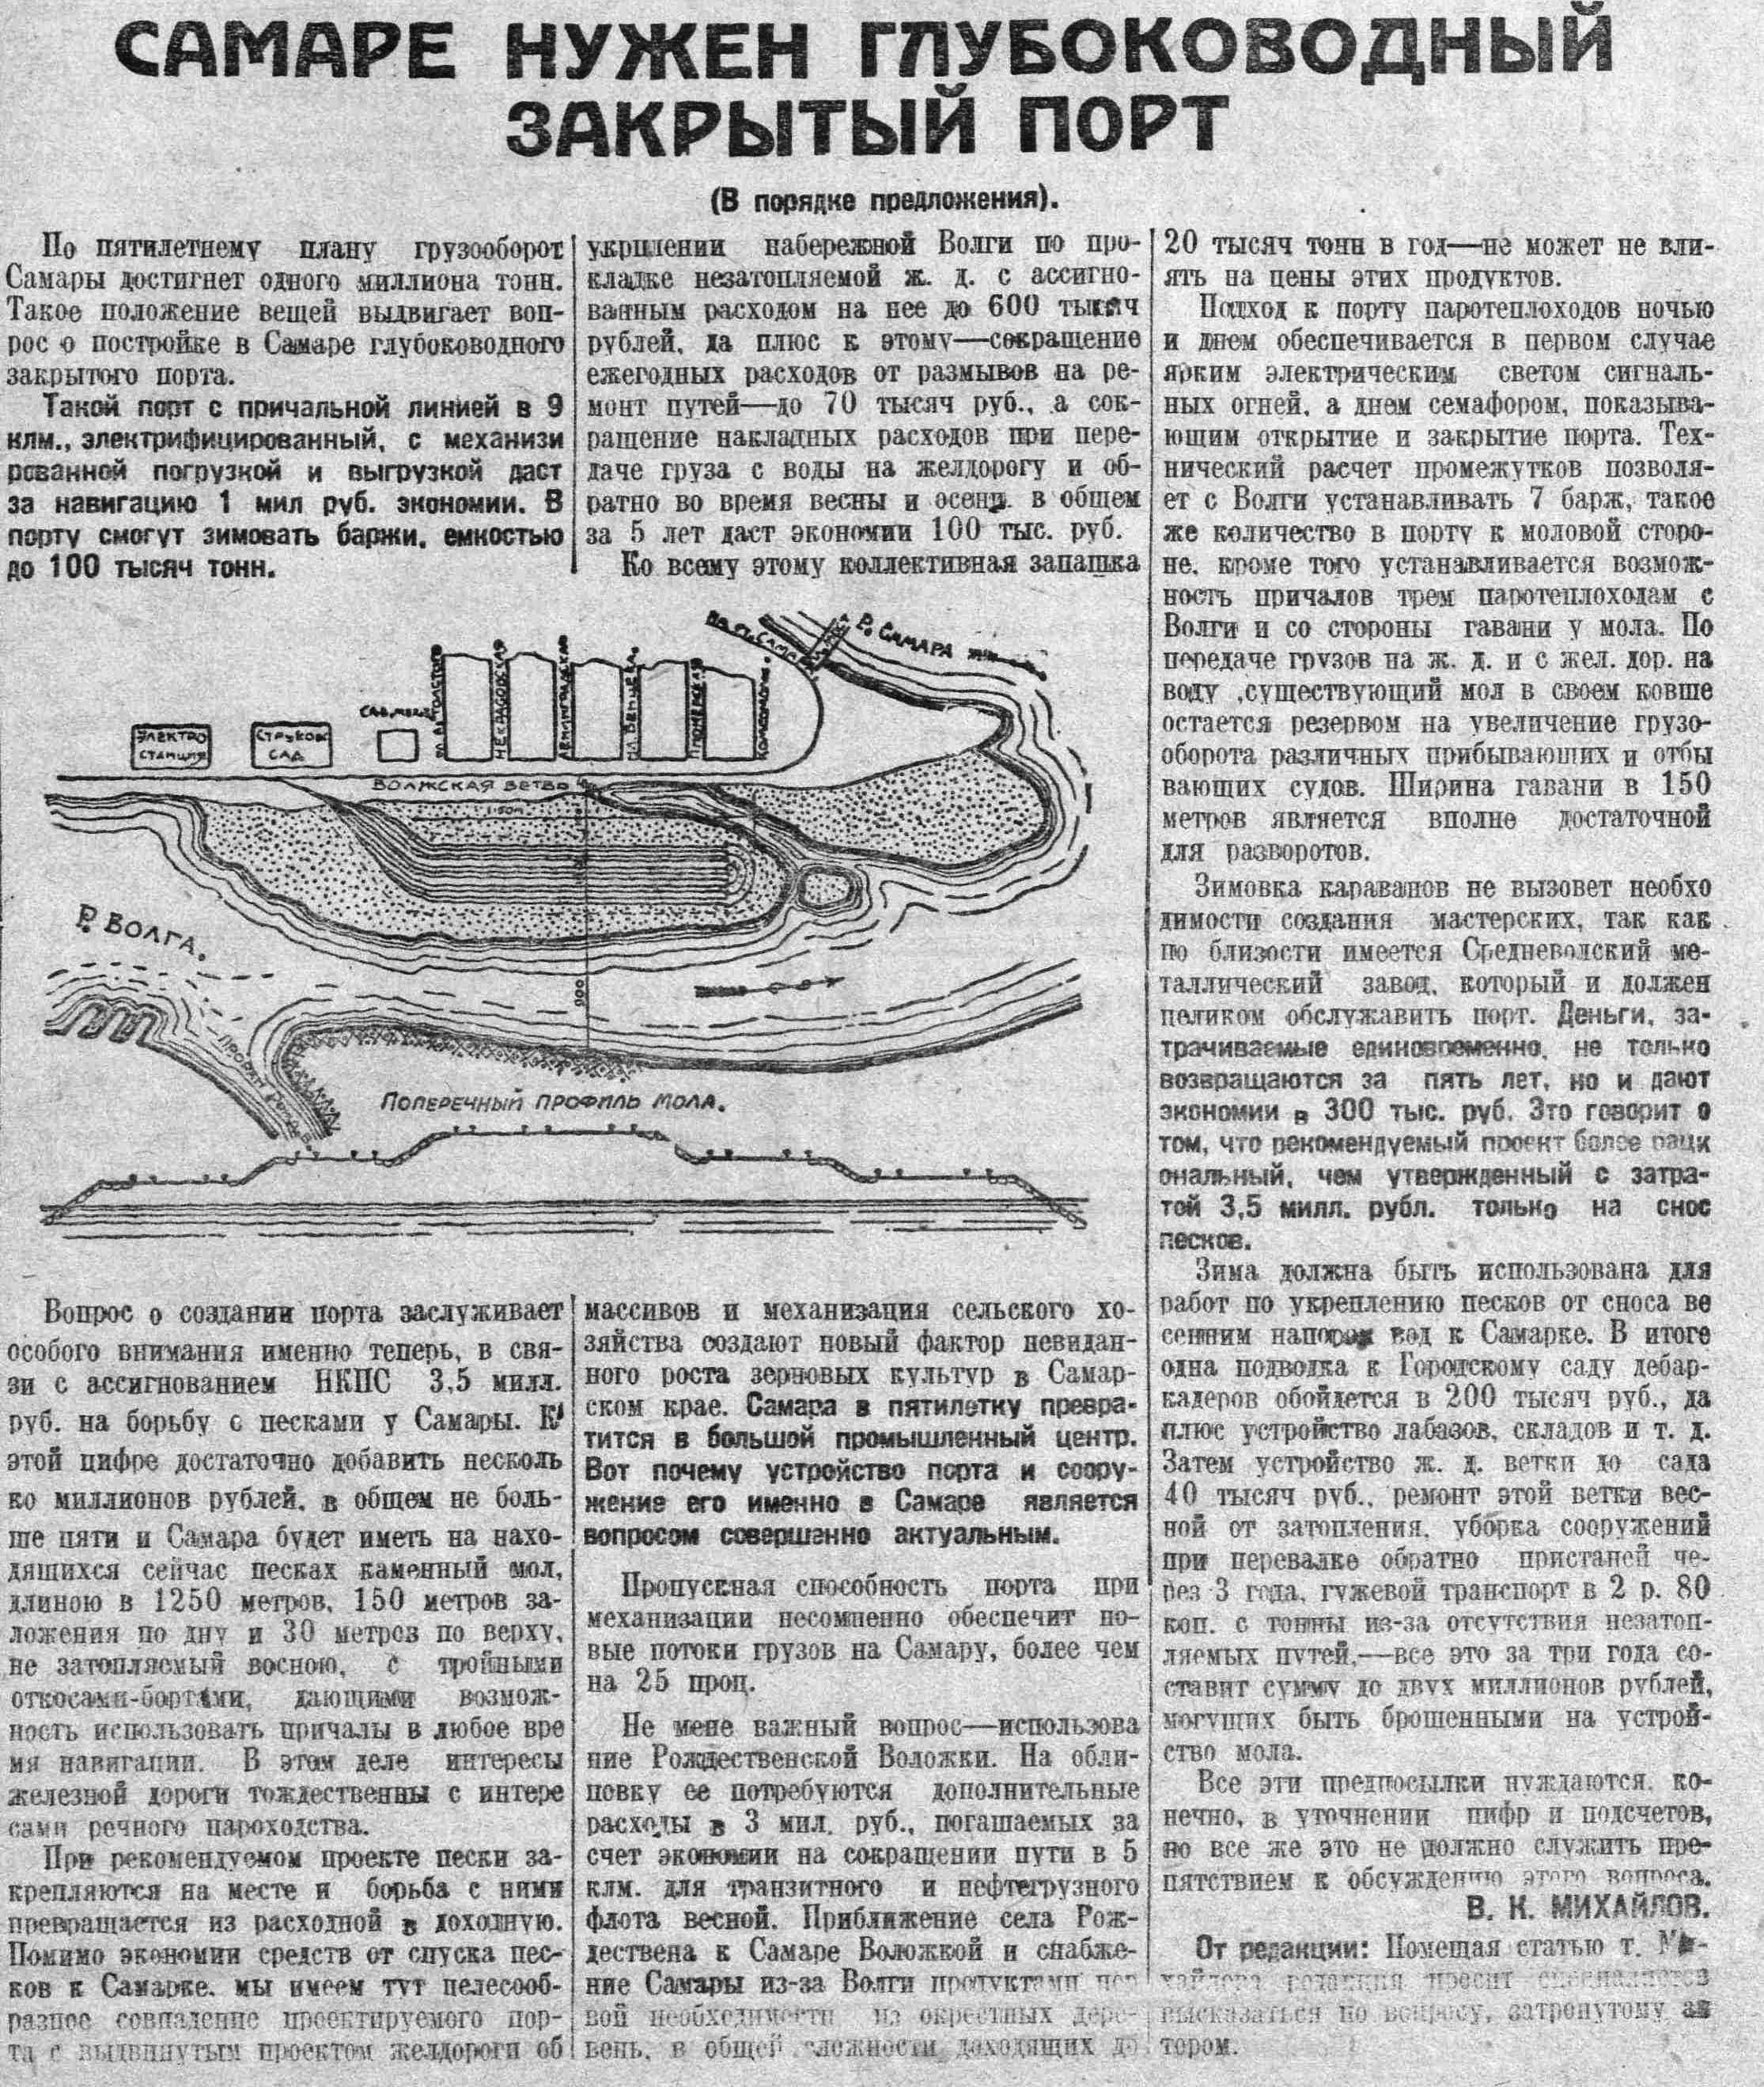 Стрелка реки Самары-ФОТО-07-ВКа-1929-11-24-необх-ть в глубоковод. речпорте